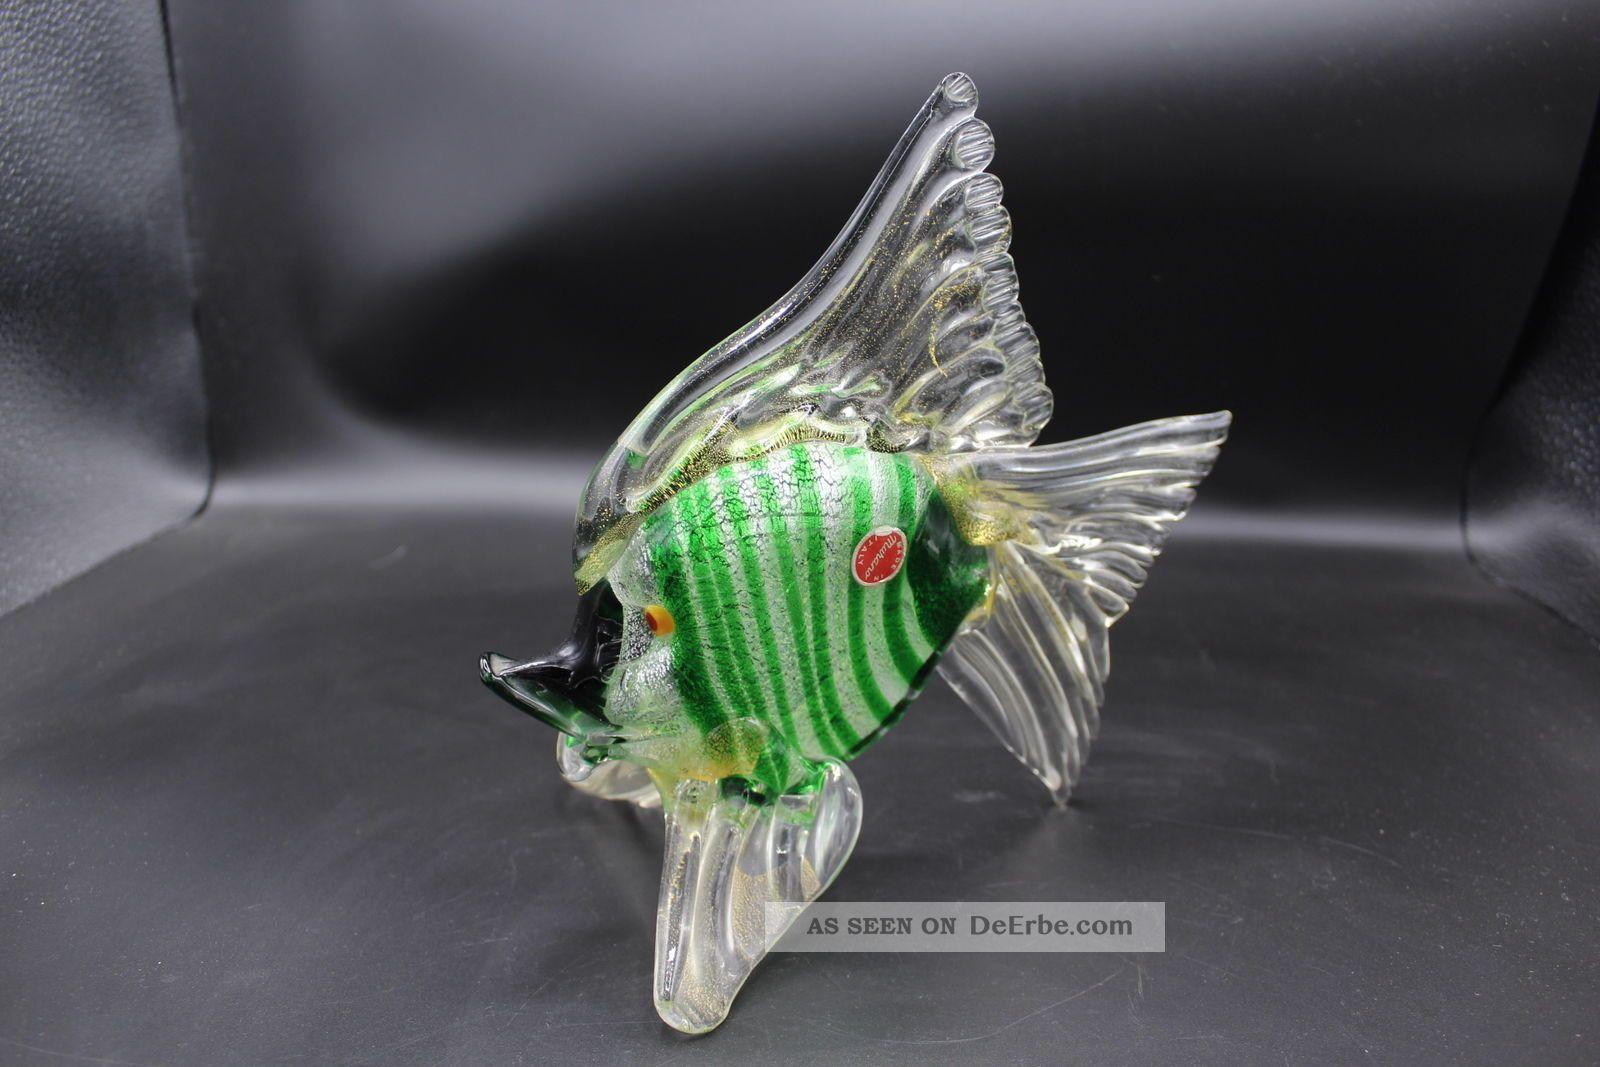 Murano Glas - Fisch 1960? Glaskunst Glasobjekt Mille Fiori Glas & Kristall Bild